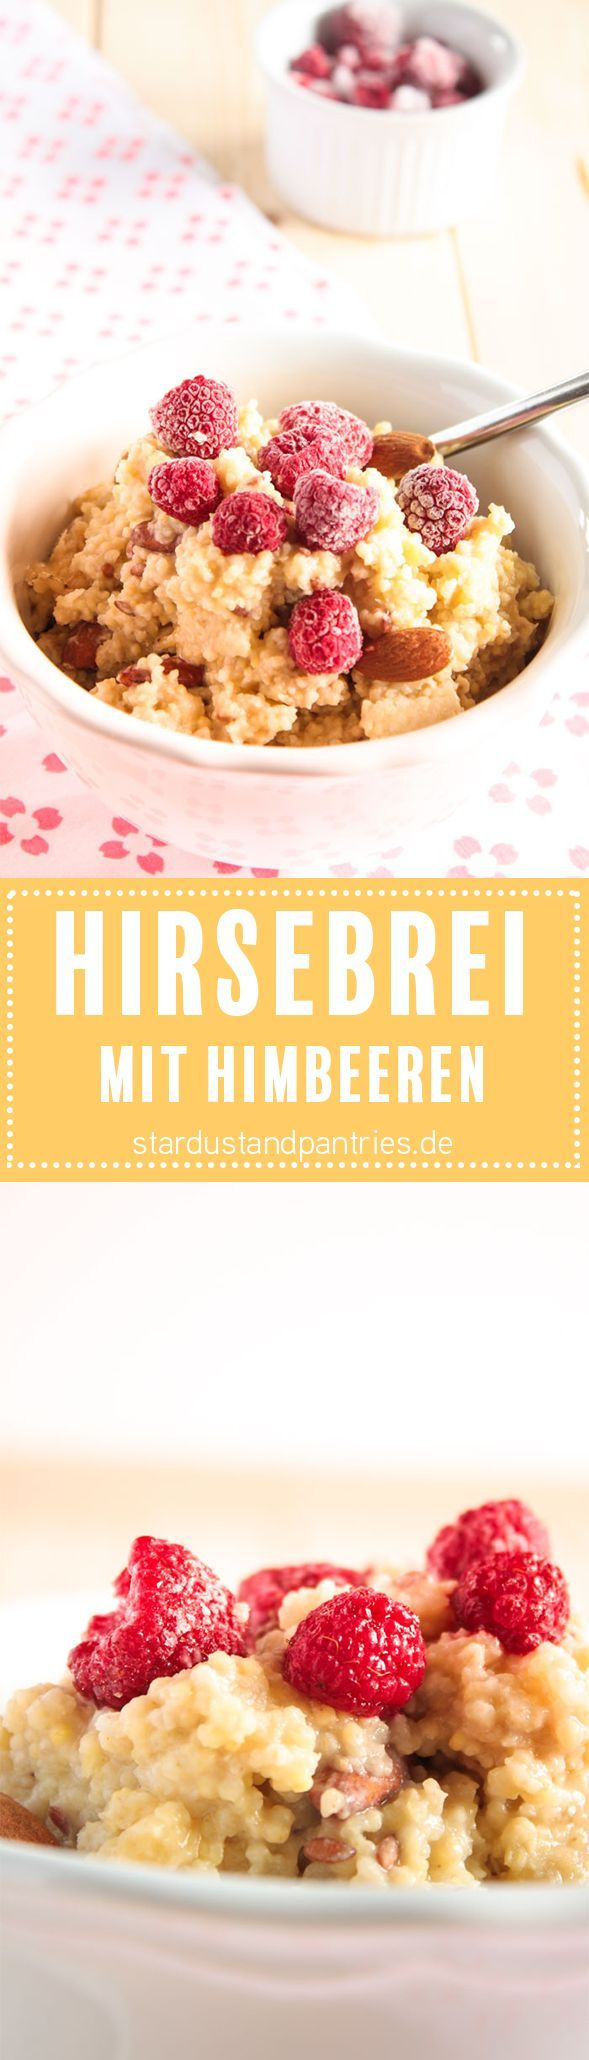 Leckeres Frühstücksbuffet mit Hirse, Mandeln und Himbeeren. Vegan, glutenfrei und …   – Frühstücks-Rezepte   Gruppenboard